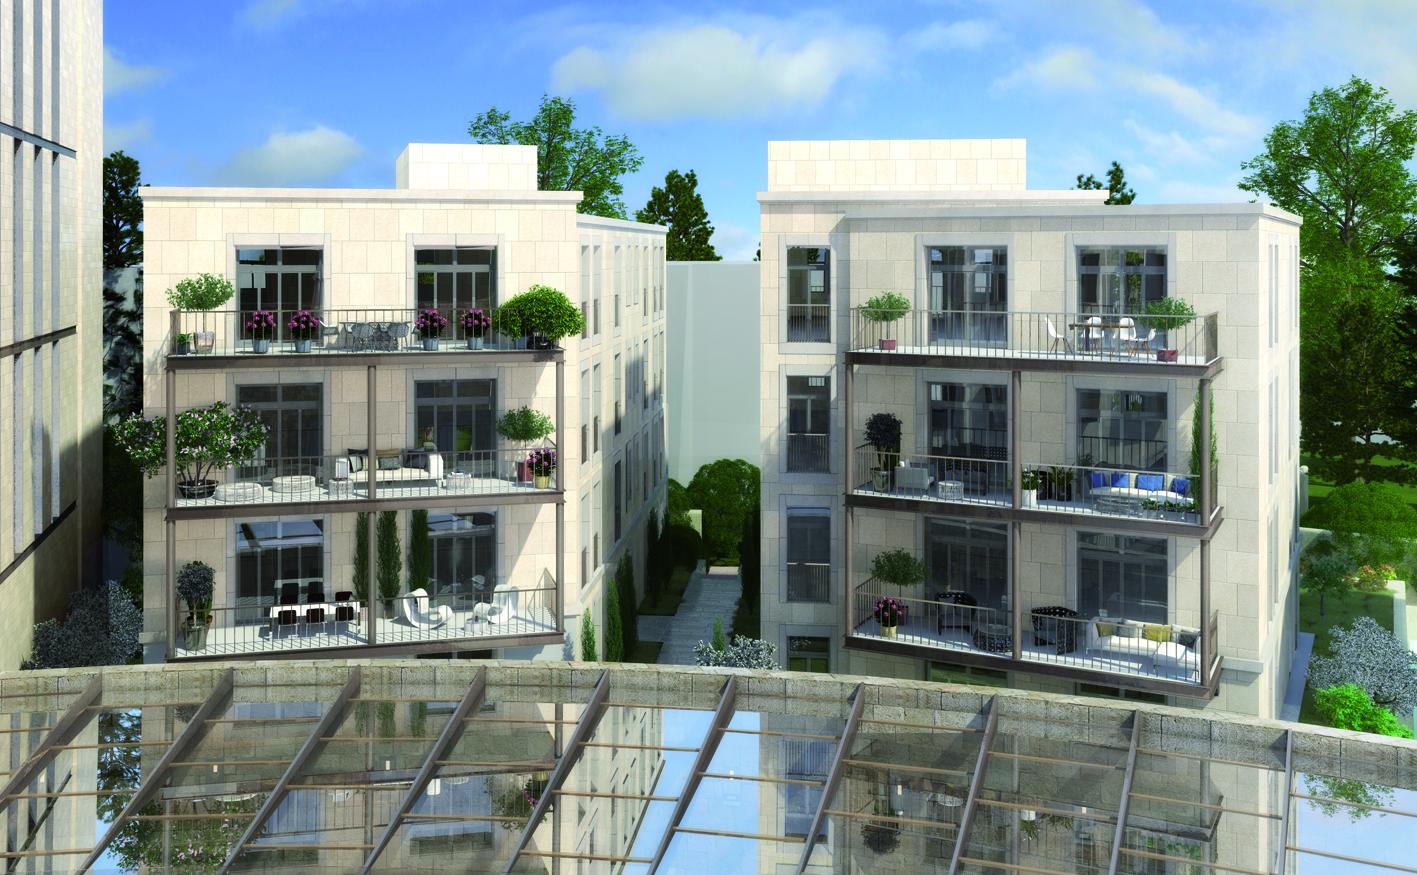 Isrotel продает 11 роскошных квартир в Иерусалиме